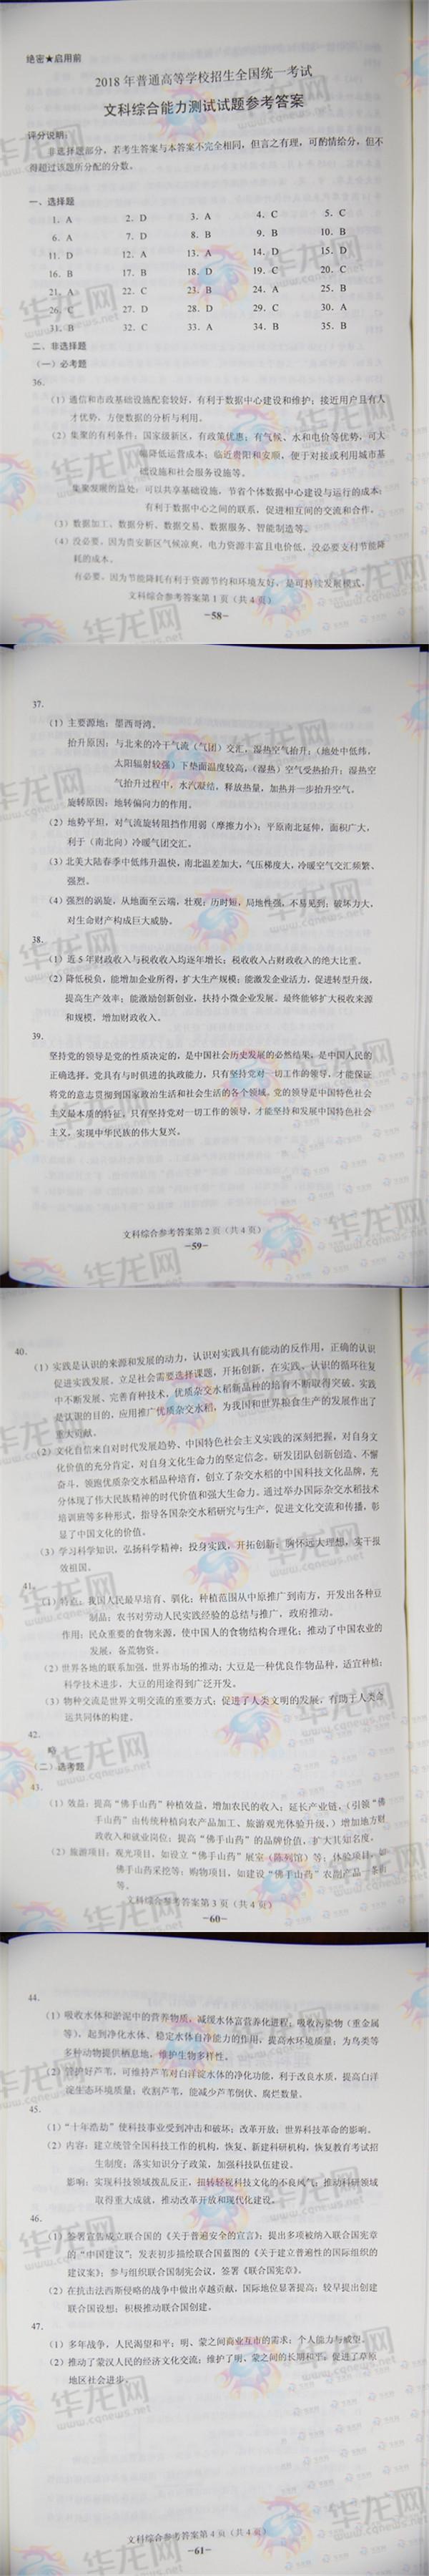 2018黑龙江高考文综答案